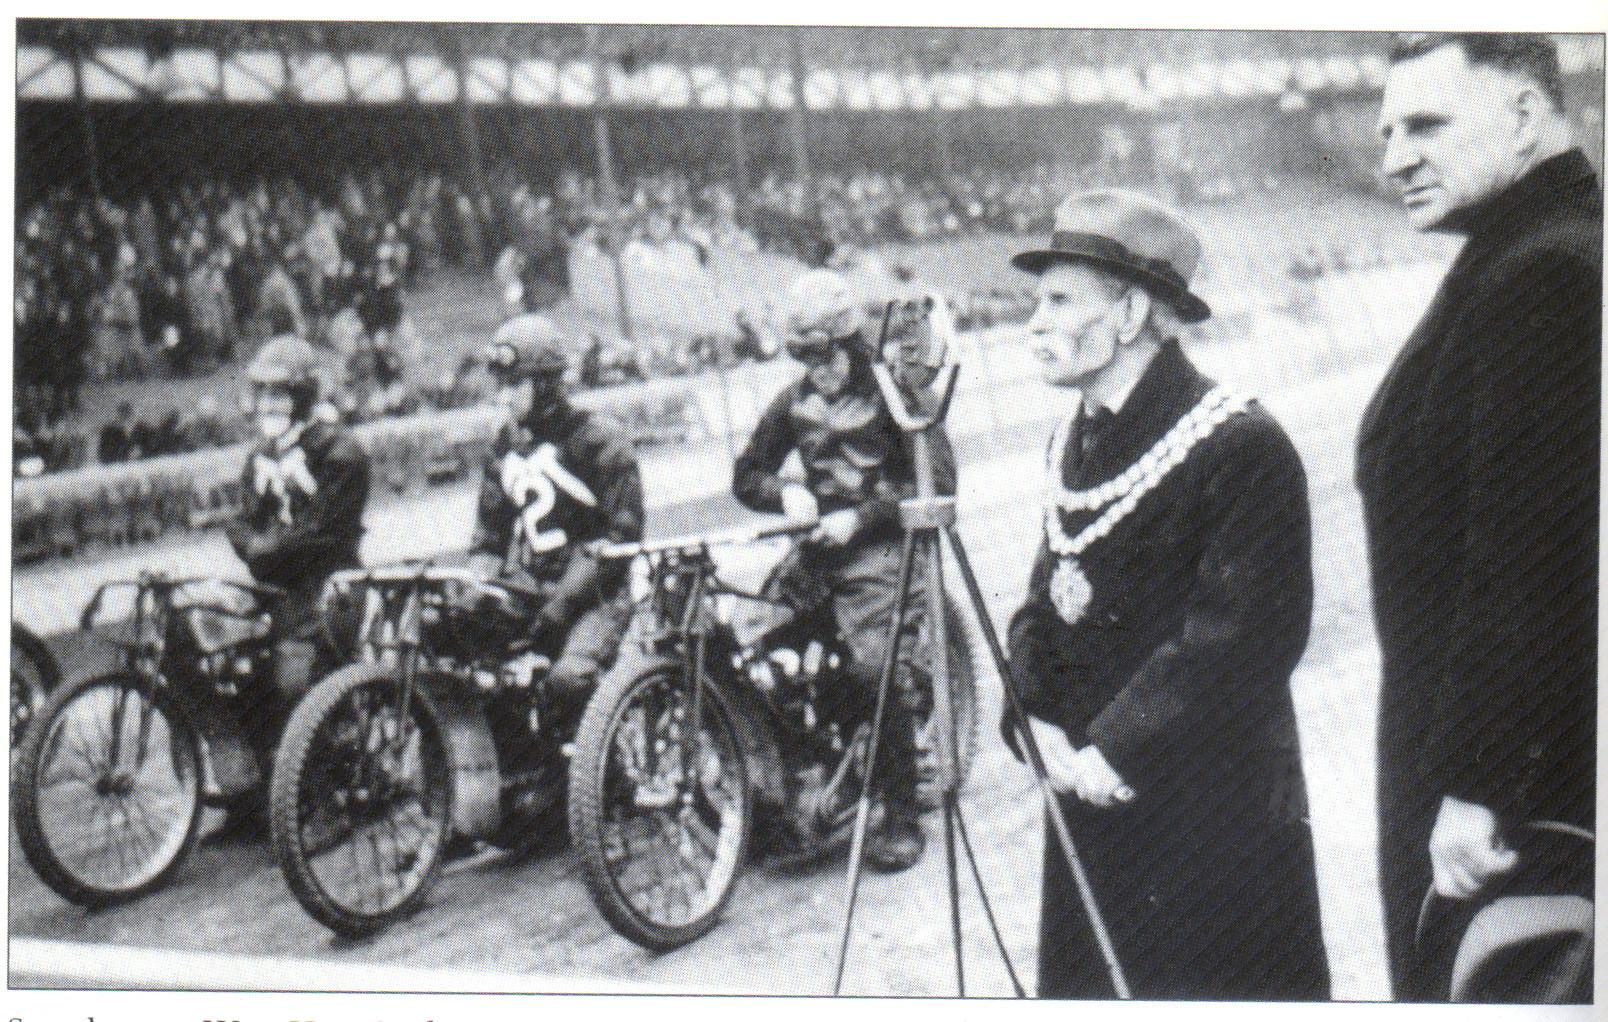 Speedway At The West Ham Stadium, c.1940